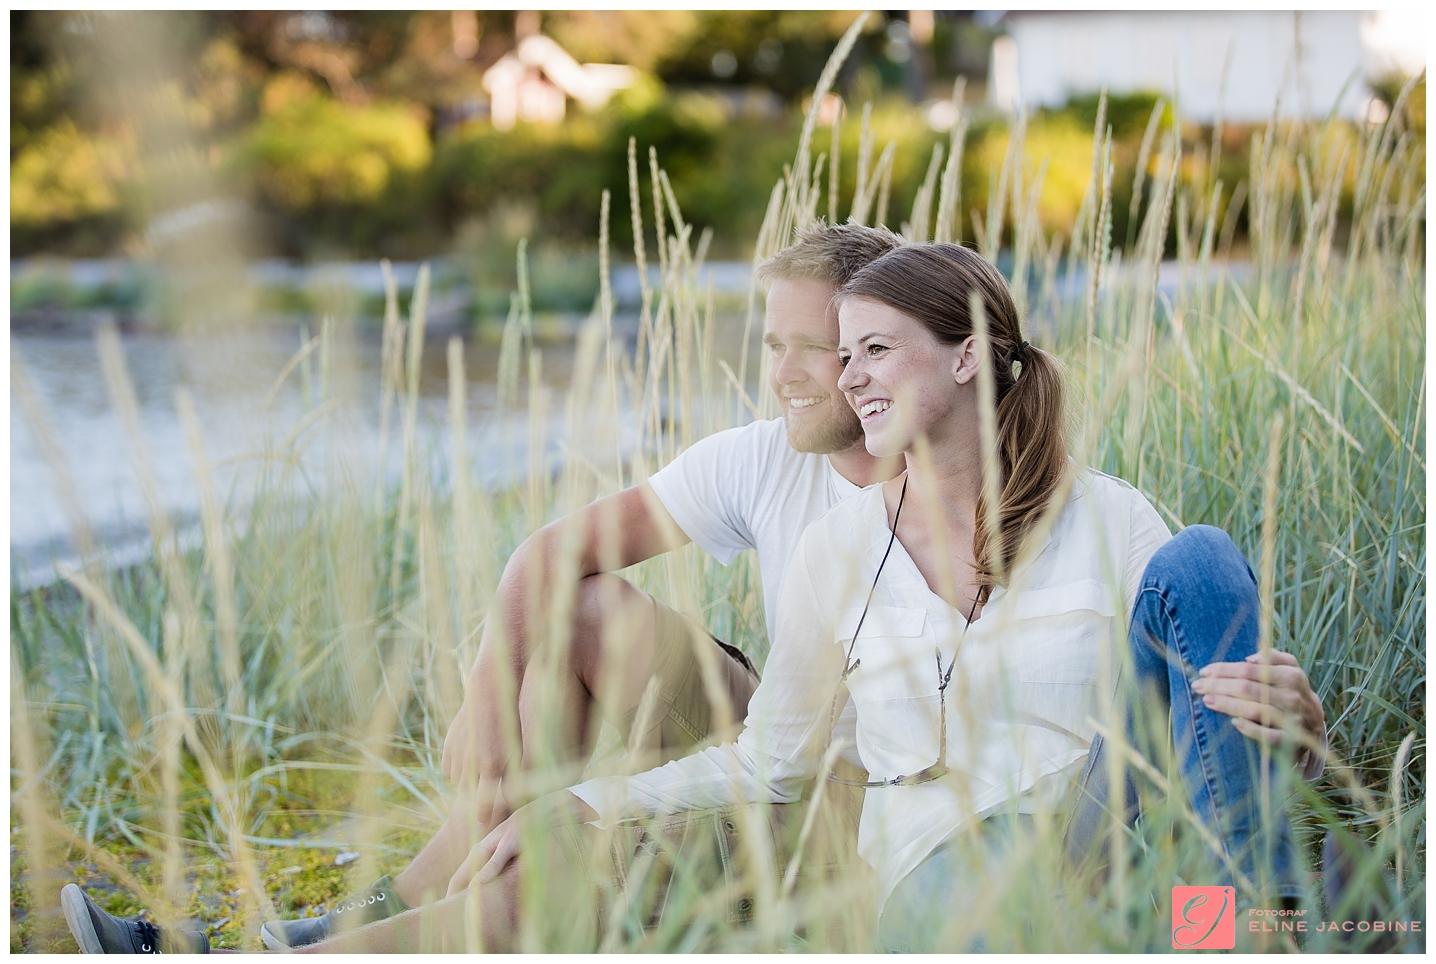 Kjærestebilder Hvaler naturlige bilder